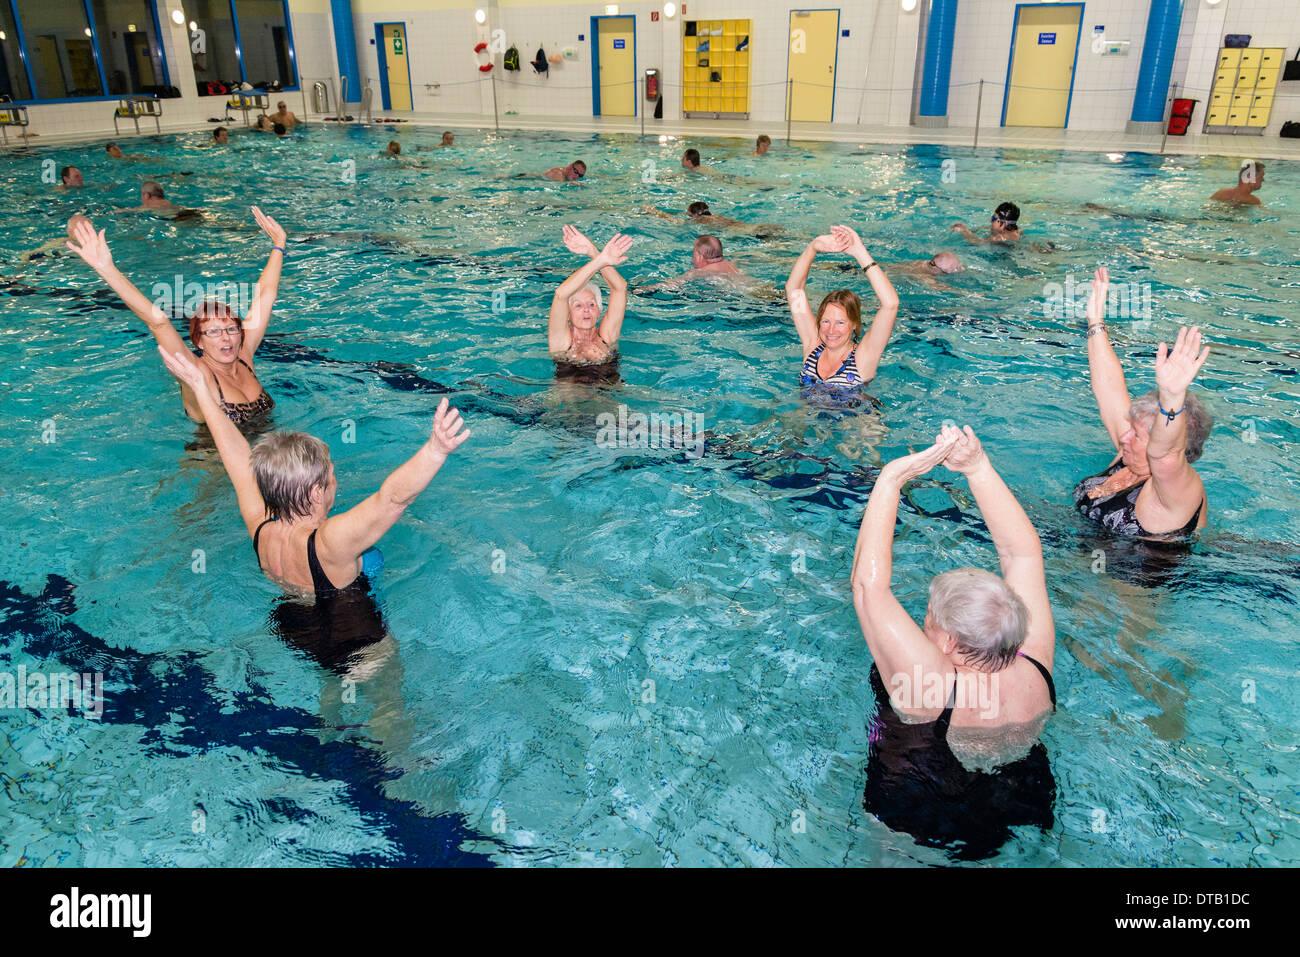 Un gruppo di donne pratiche di ginnastica in acqua in una piscina. Immagini Stock